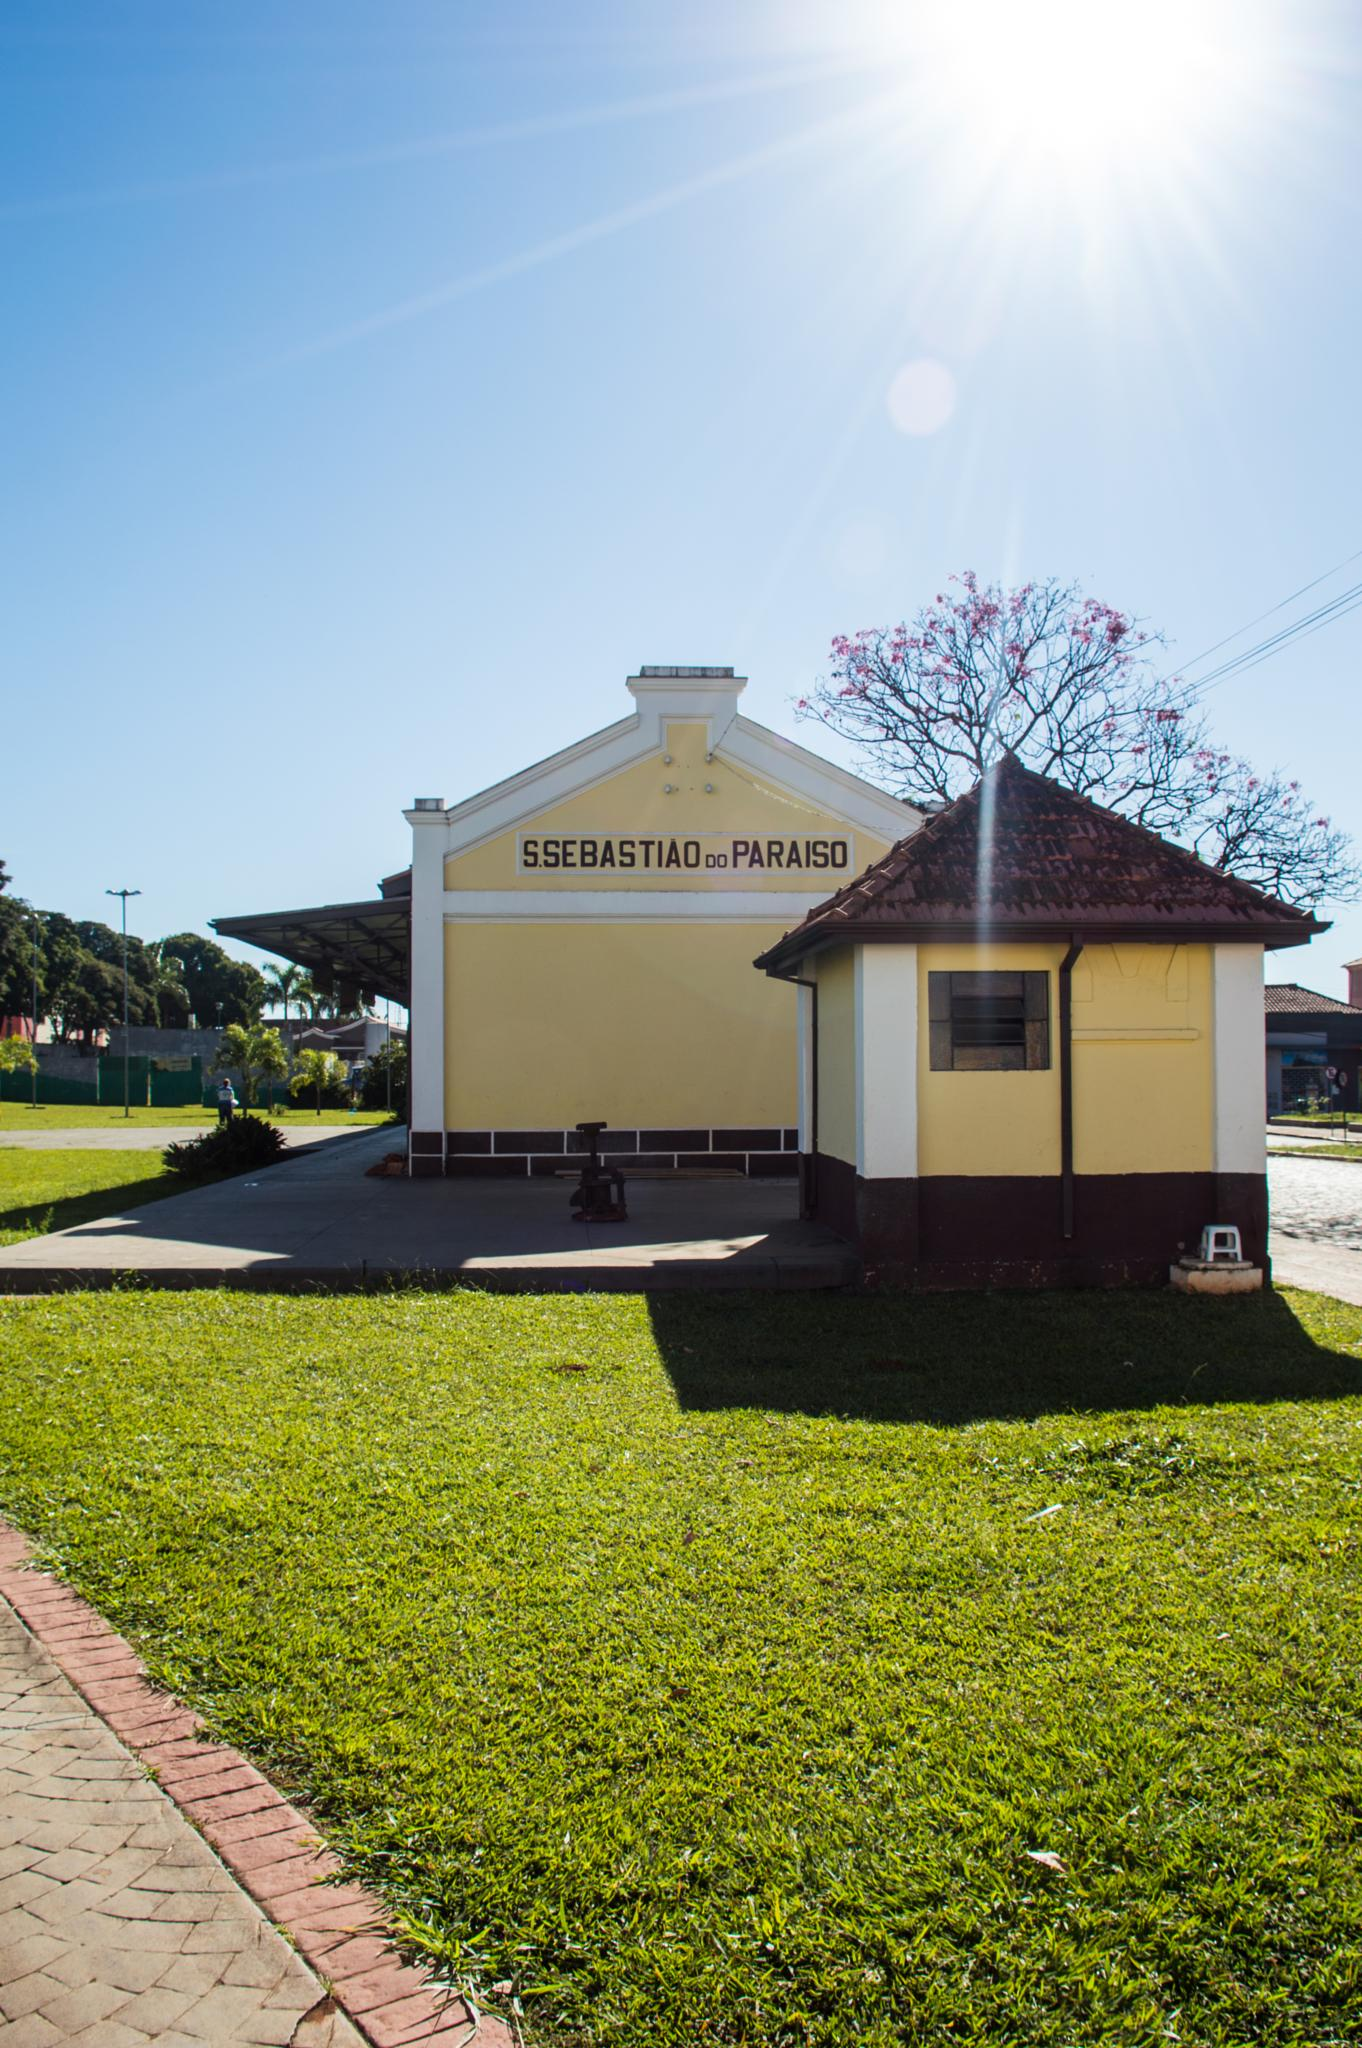 Estação de Trem de Sao Sebastiao do Paraiso by Diego Rodrigues